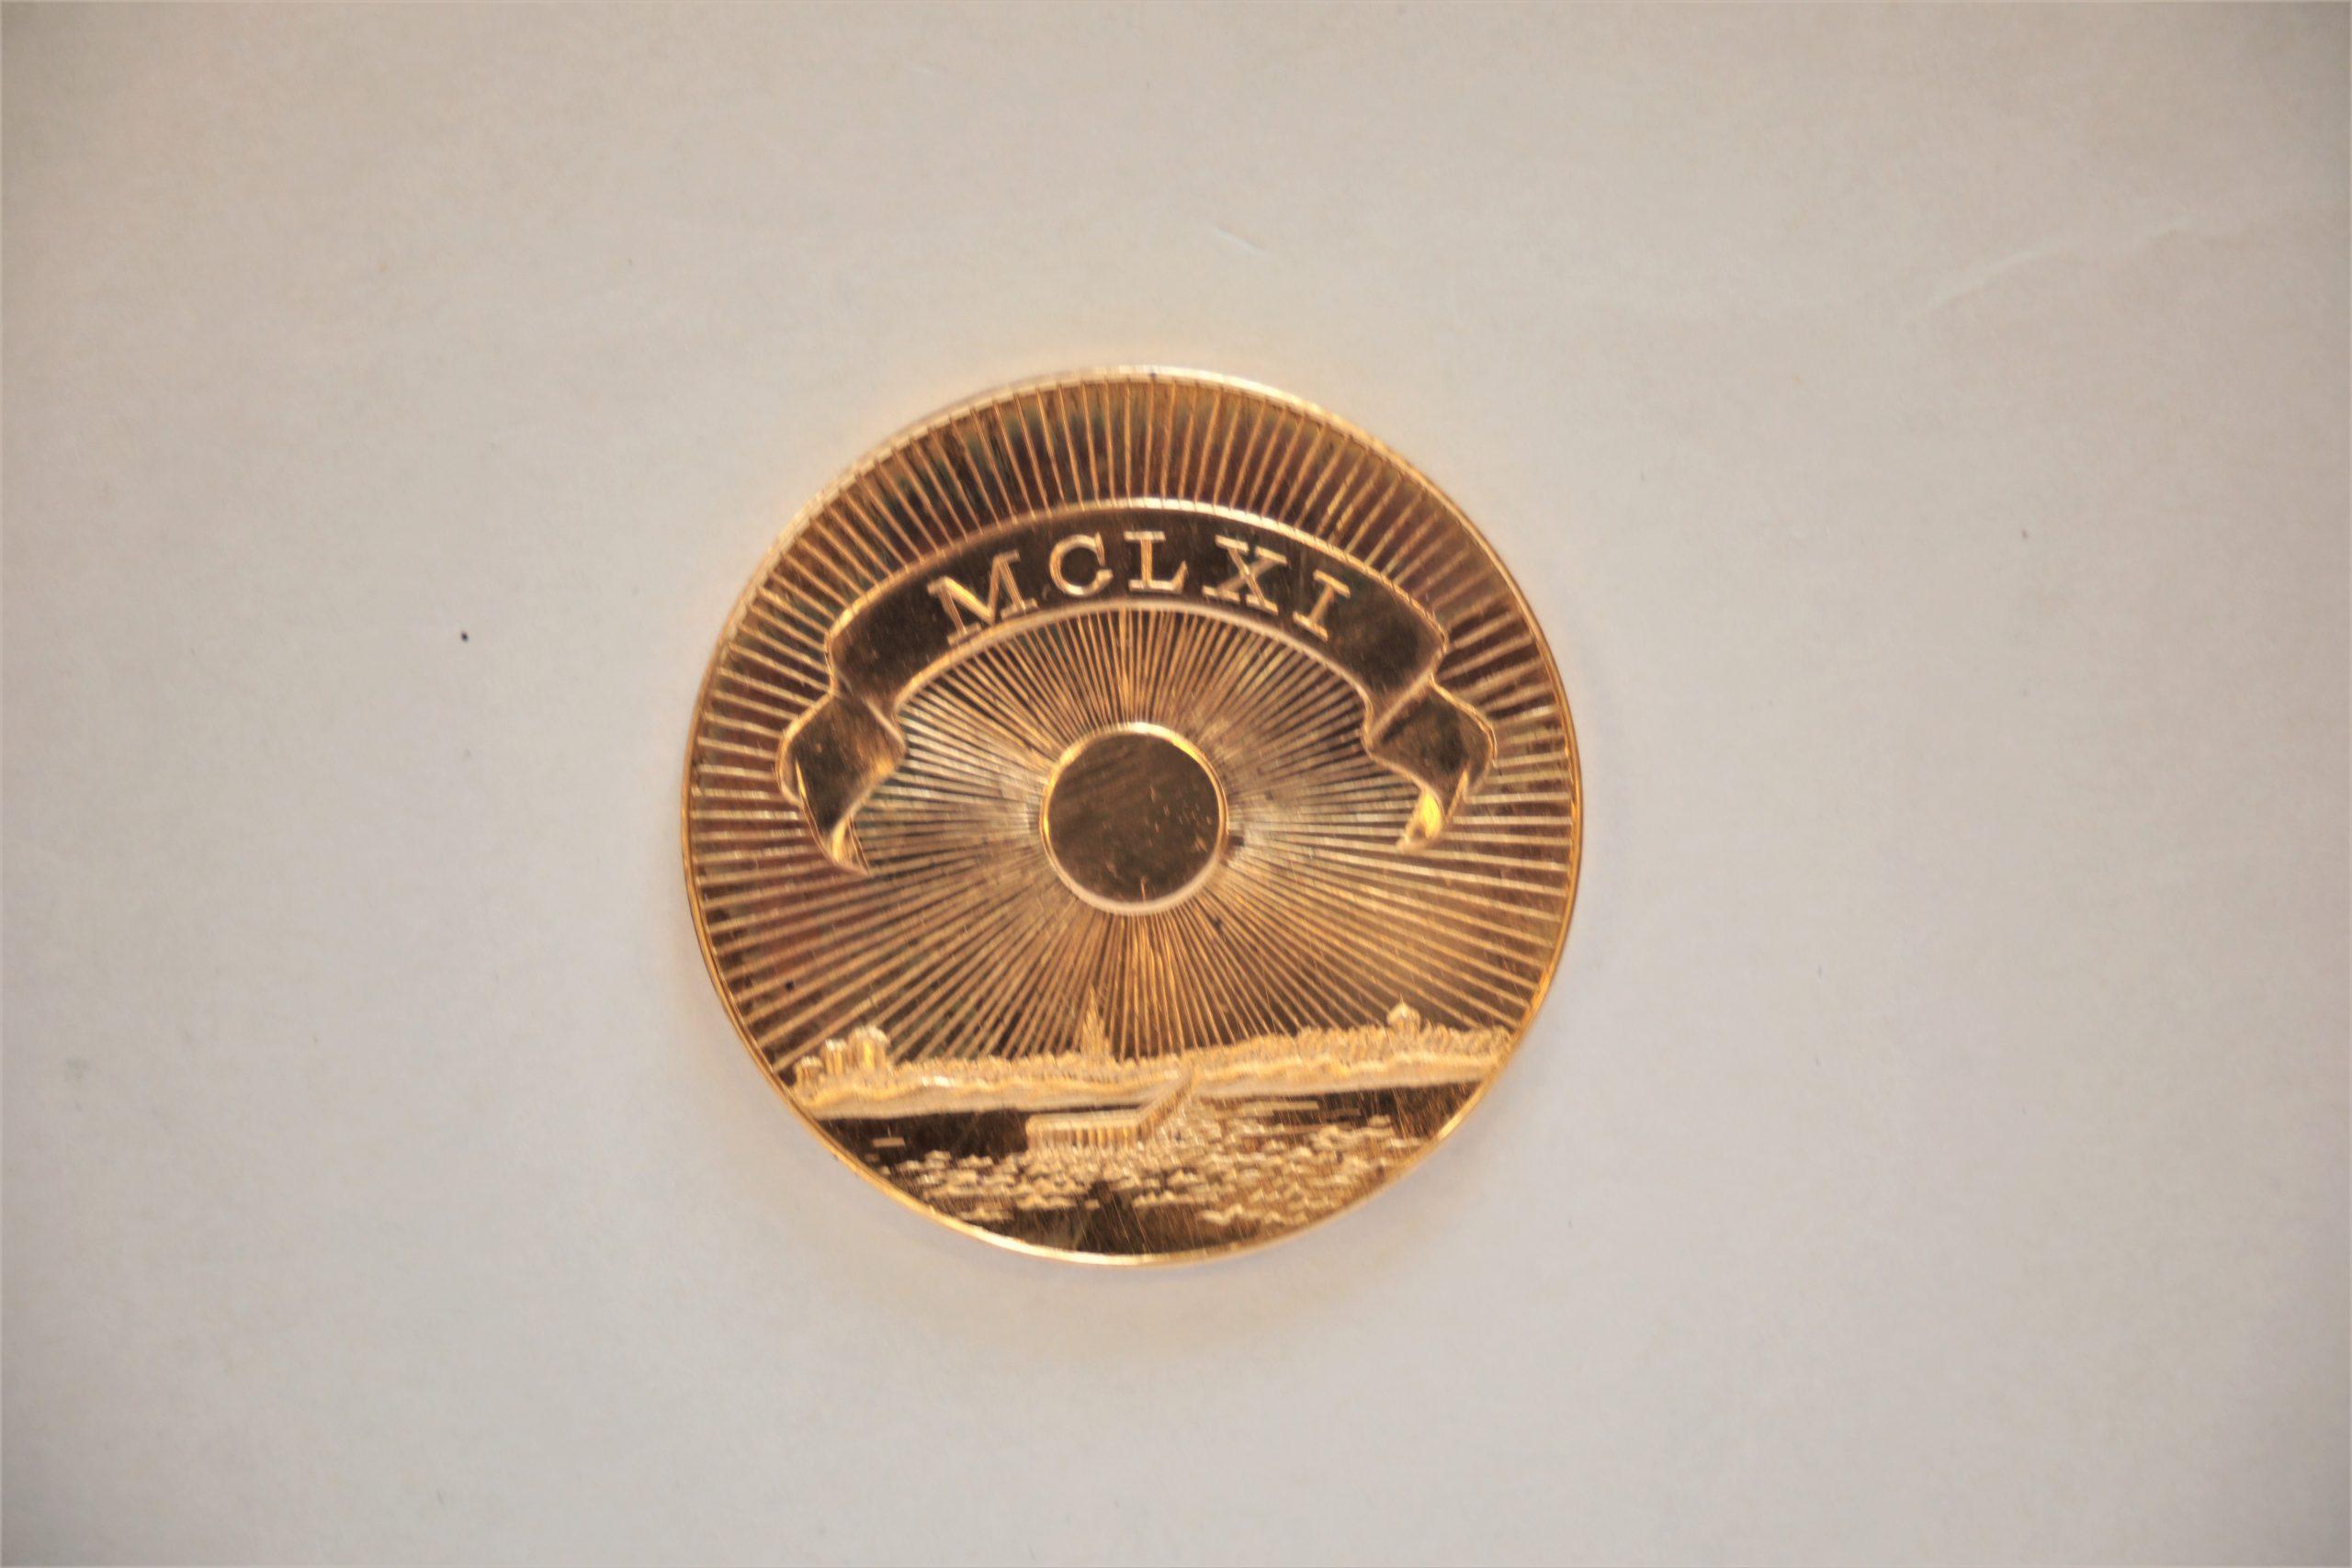 Medalis. Palanga. Geltonas metalas. Reversas. Autorius nežinomas